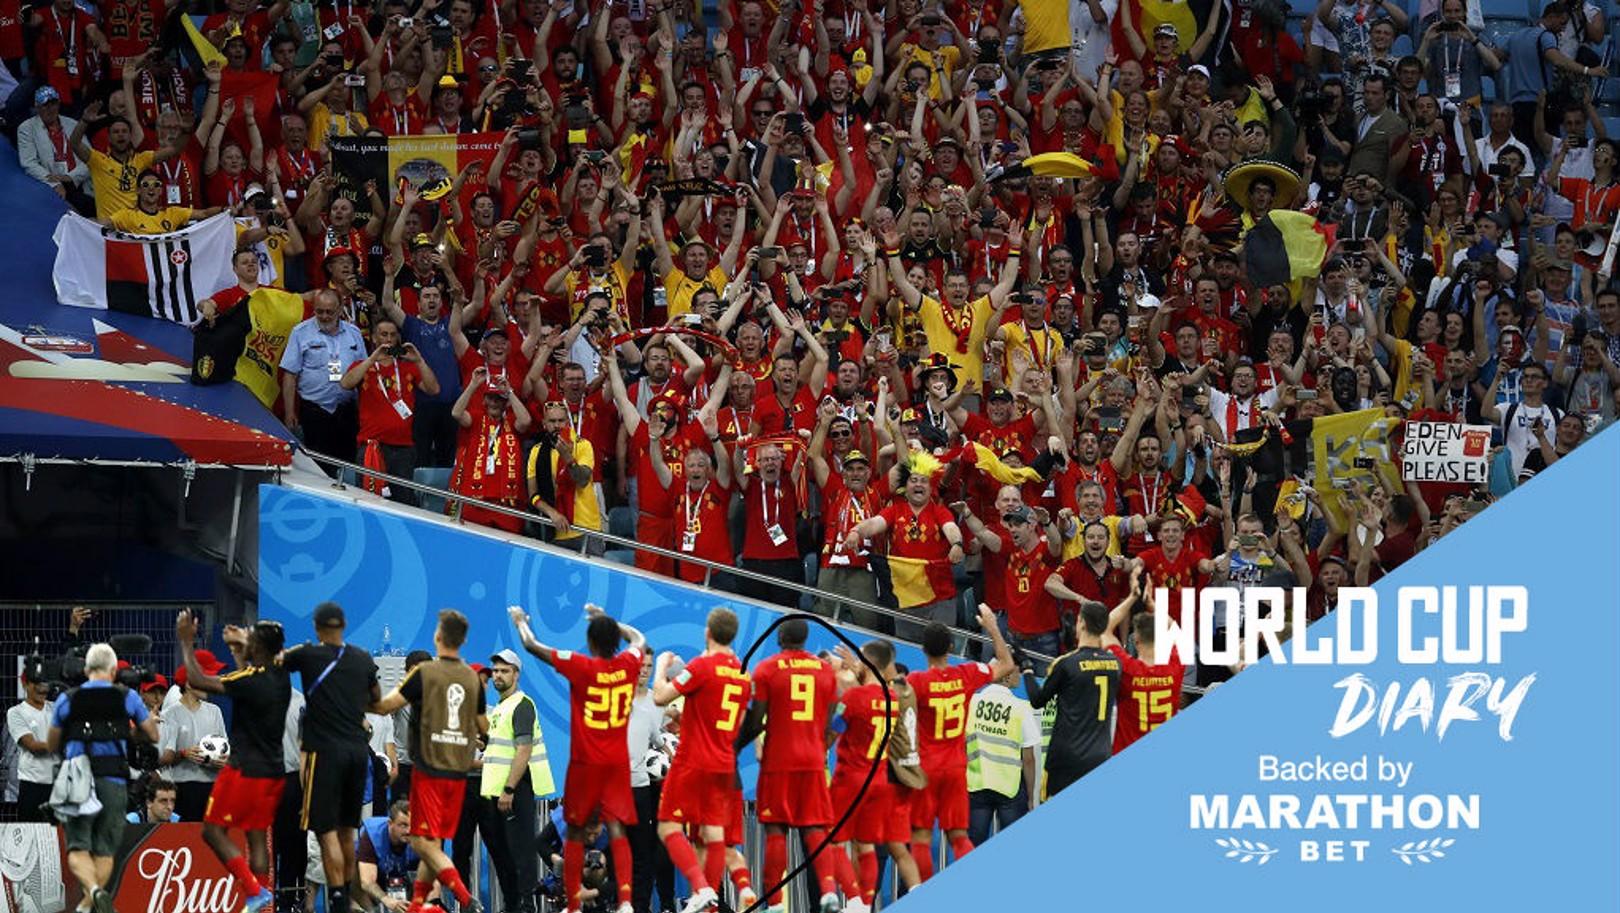 เบลเยียม กับแมตซ์สำคัญสู่รอบ 16 ทีมสุดท้าย ฟุตบอลโลก 2018